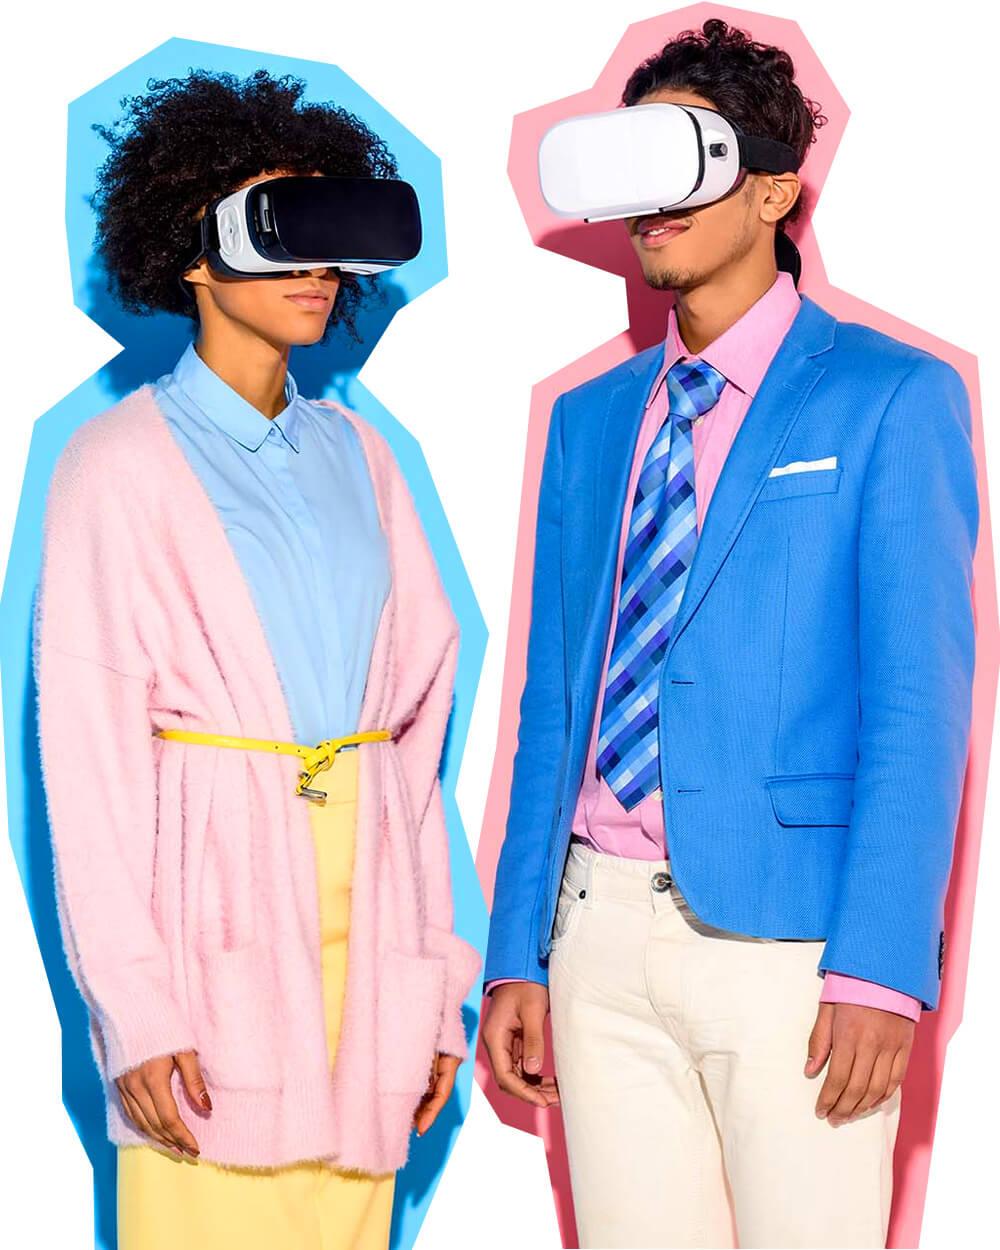 VR fashion